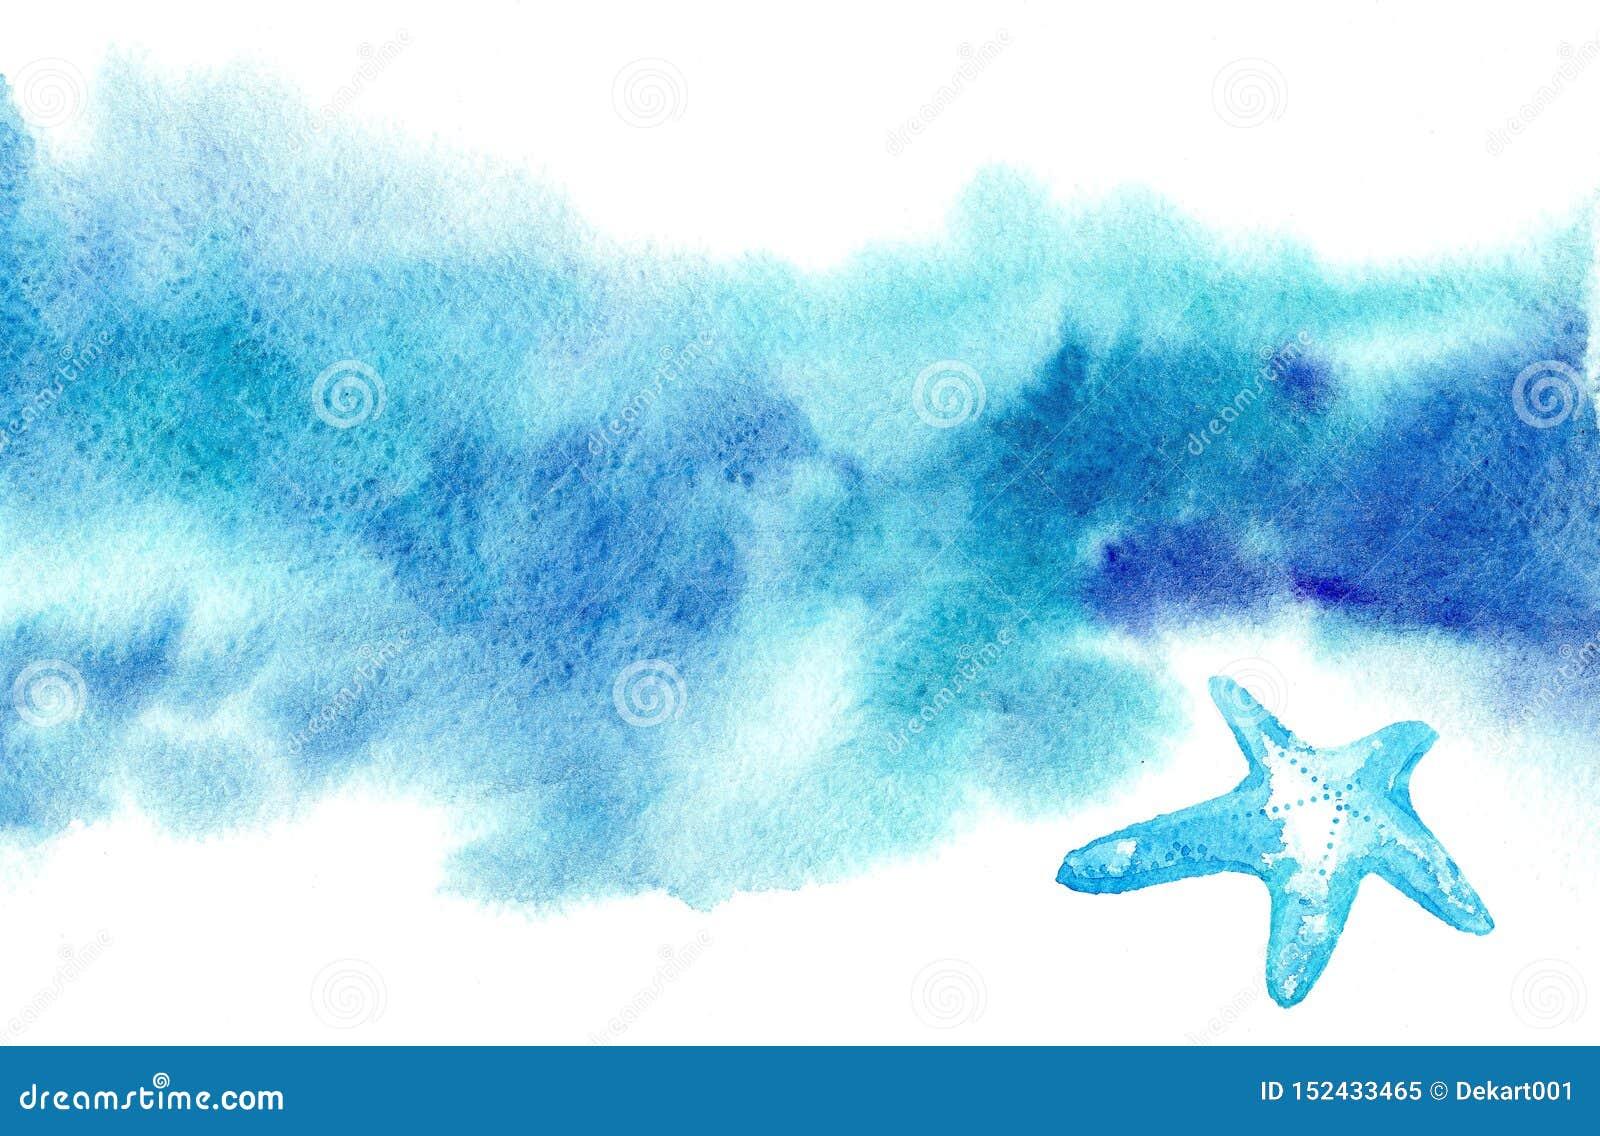 Blauer unscharfer Hintergrund des Handgezogenen Aquarells für Text mit Starfish